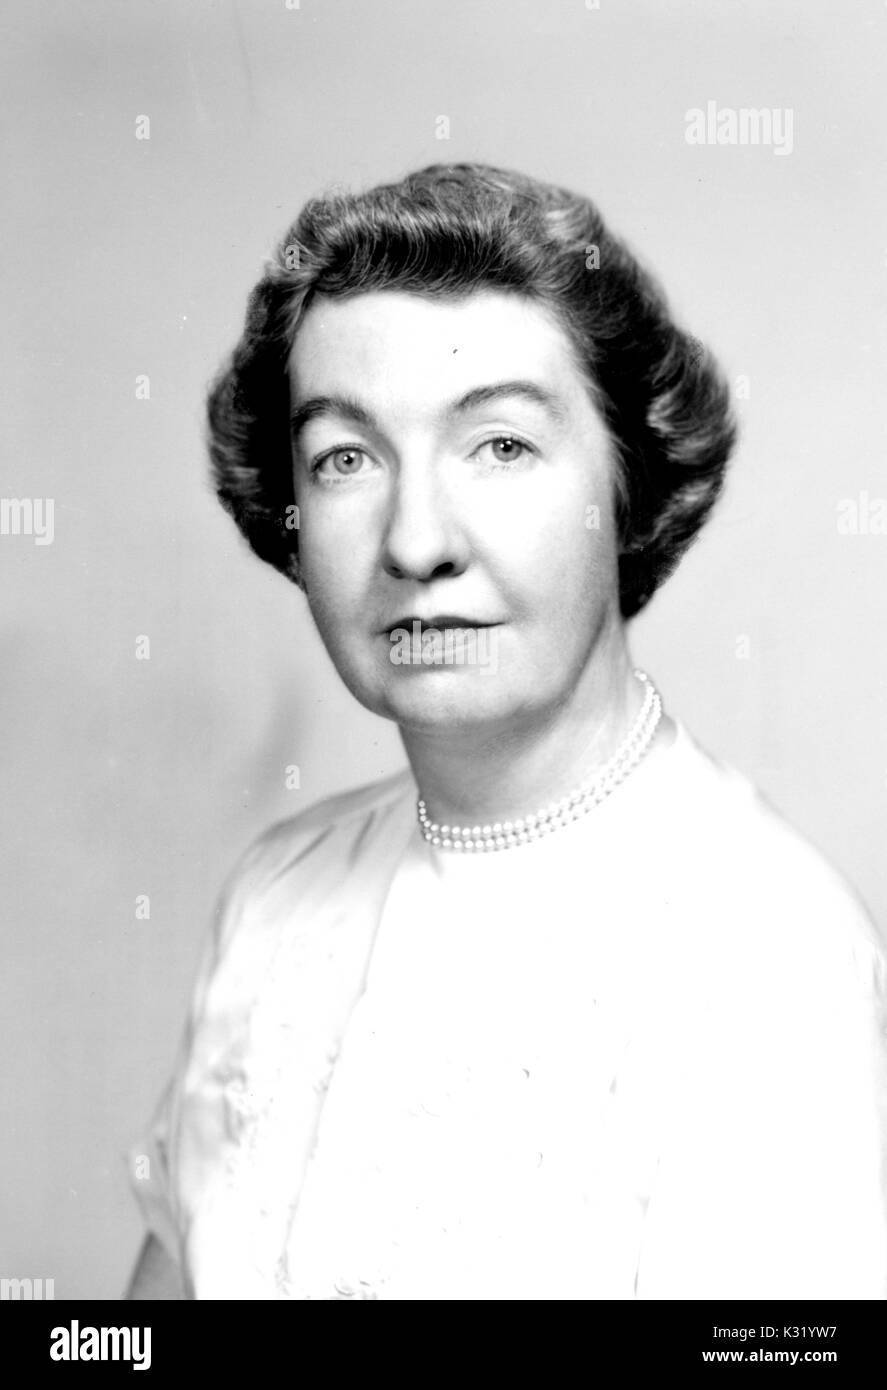 Graustufen portrait Foto, Schultern, von Blanche Duncan Coll, der ihr Meister der Geschichte von der Johns Hopkins University, das Tragen von weißen Kleid und Perlen, Baltimore, Maryland, 1957. Stockbild